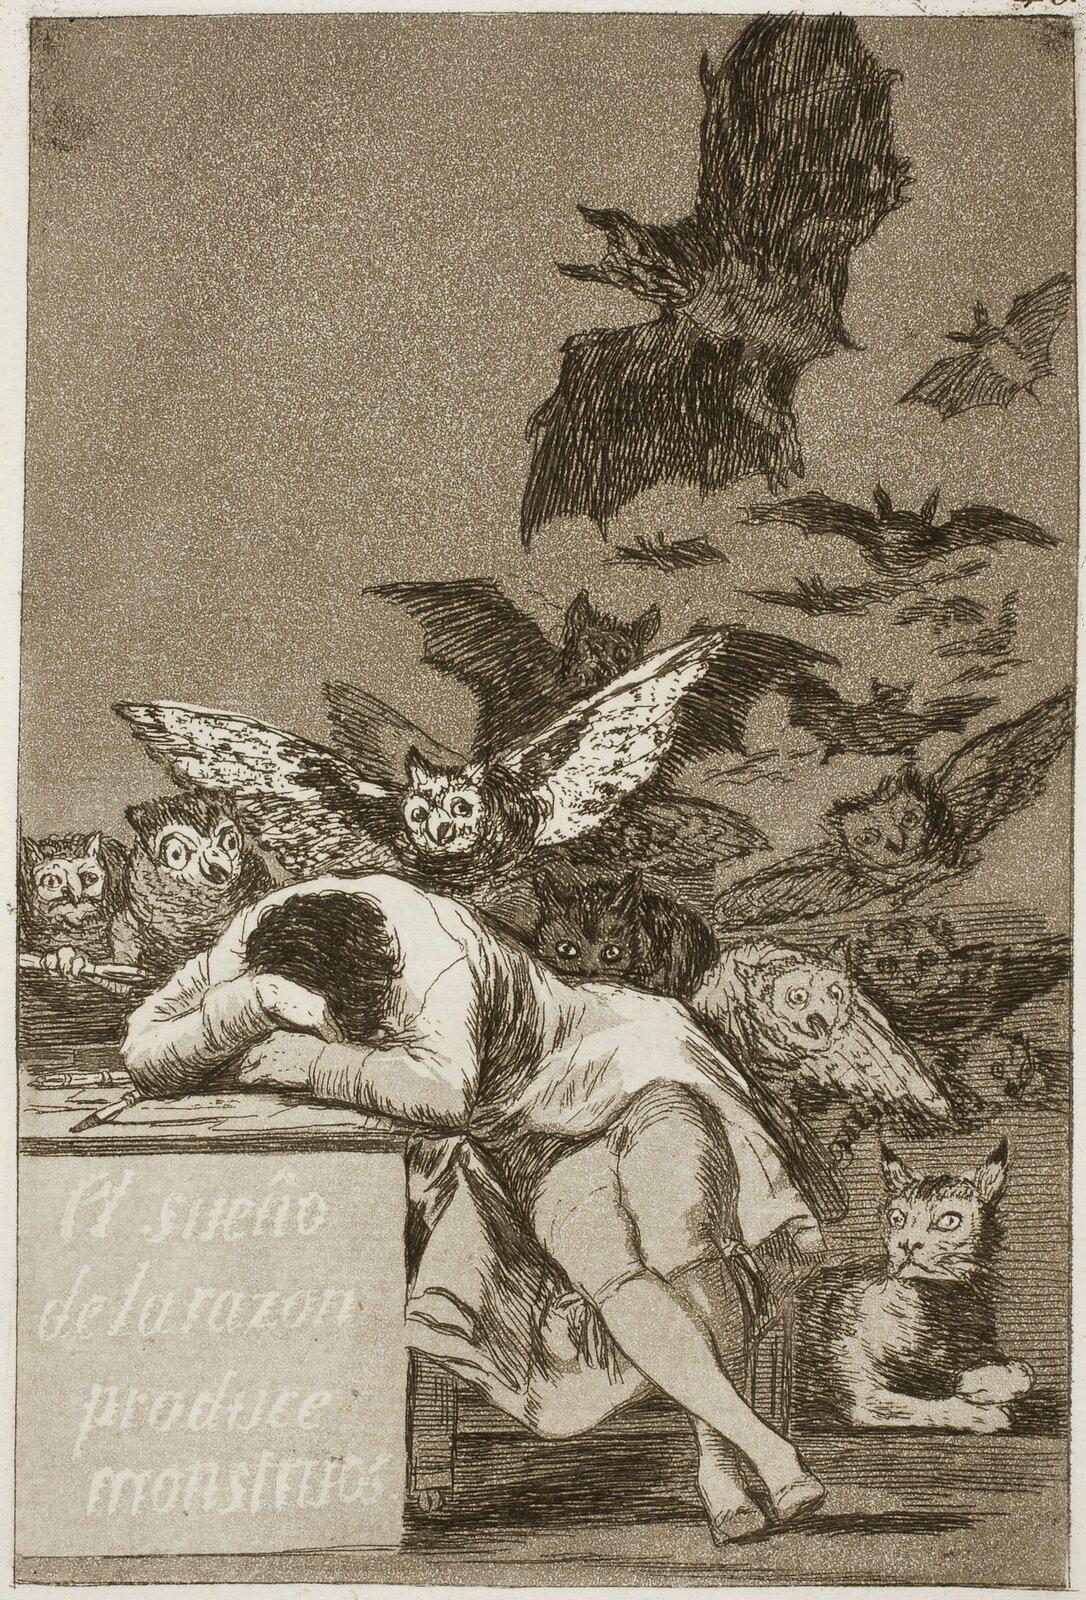 Kaprysy, obraz 43: Gdy rozum śpi, budzą się demony Źródło: Francisco Goya, Kaprysy, obraz 43: Gdy rozum śpi, budzą się demony, 1797-1798, akwaforta, Museo del Prado, Madryt, domena publiczna.